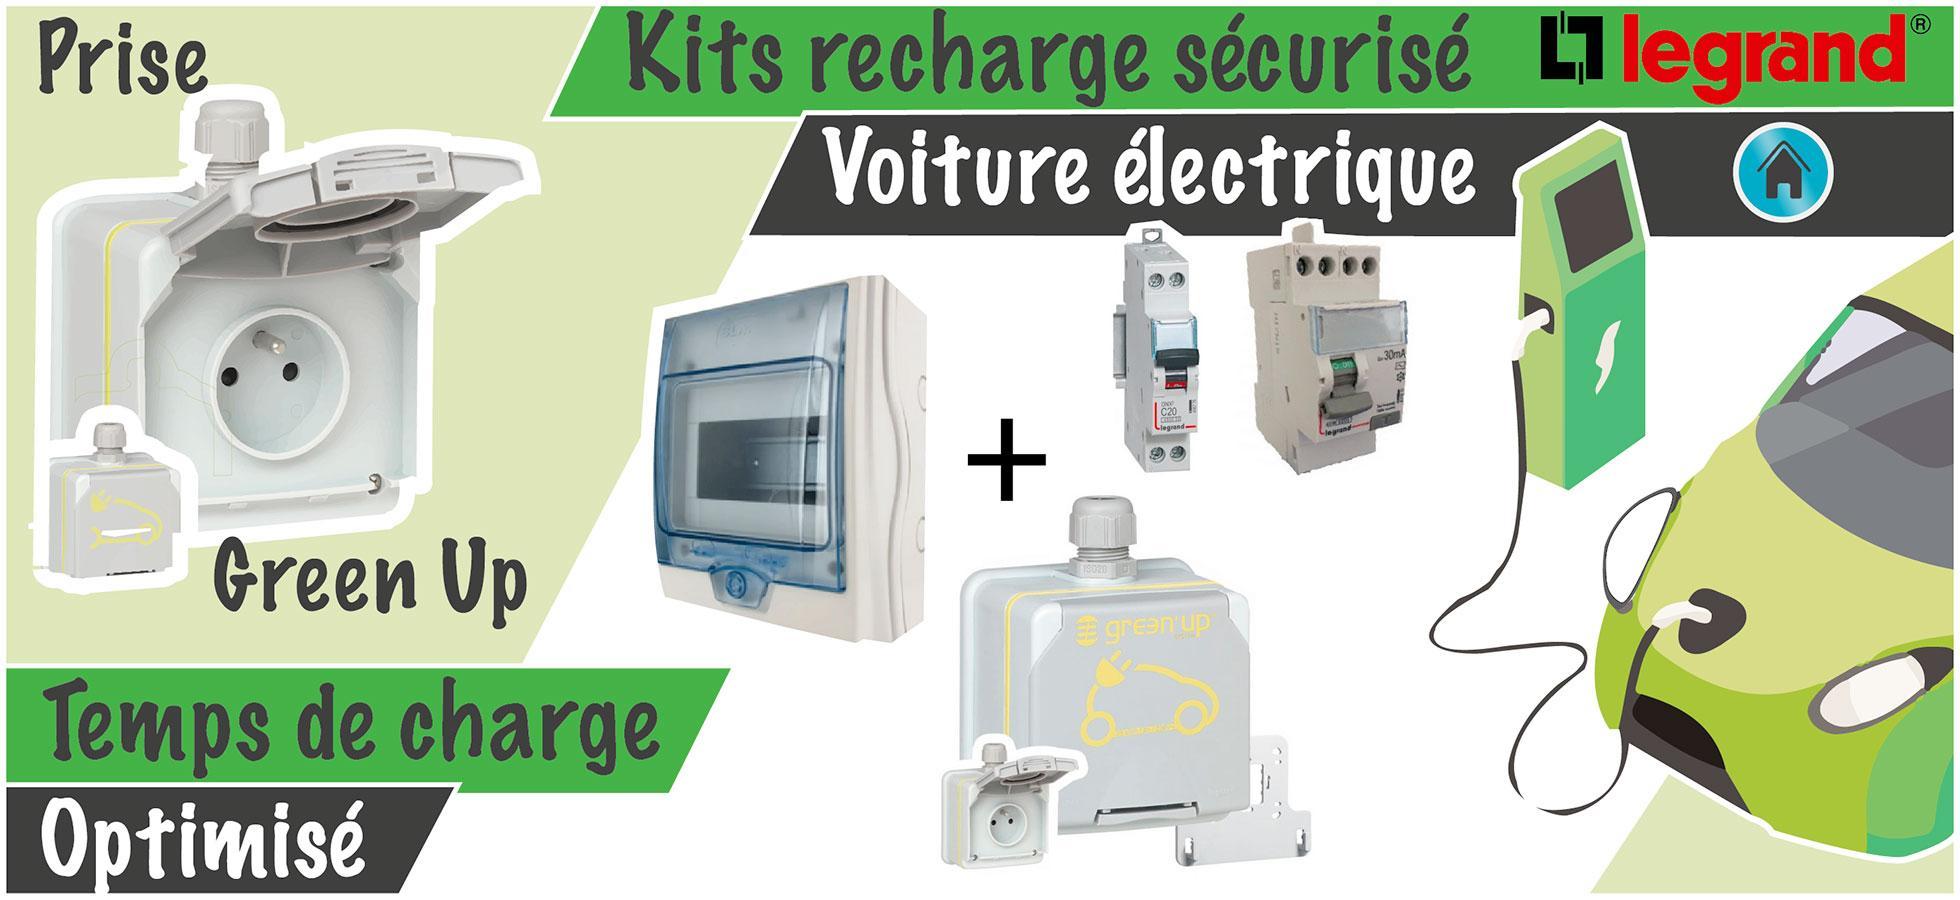 Kit recharge sécurisé Legrand